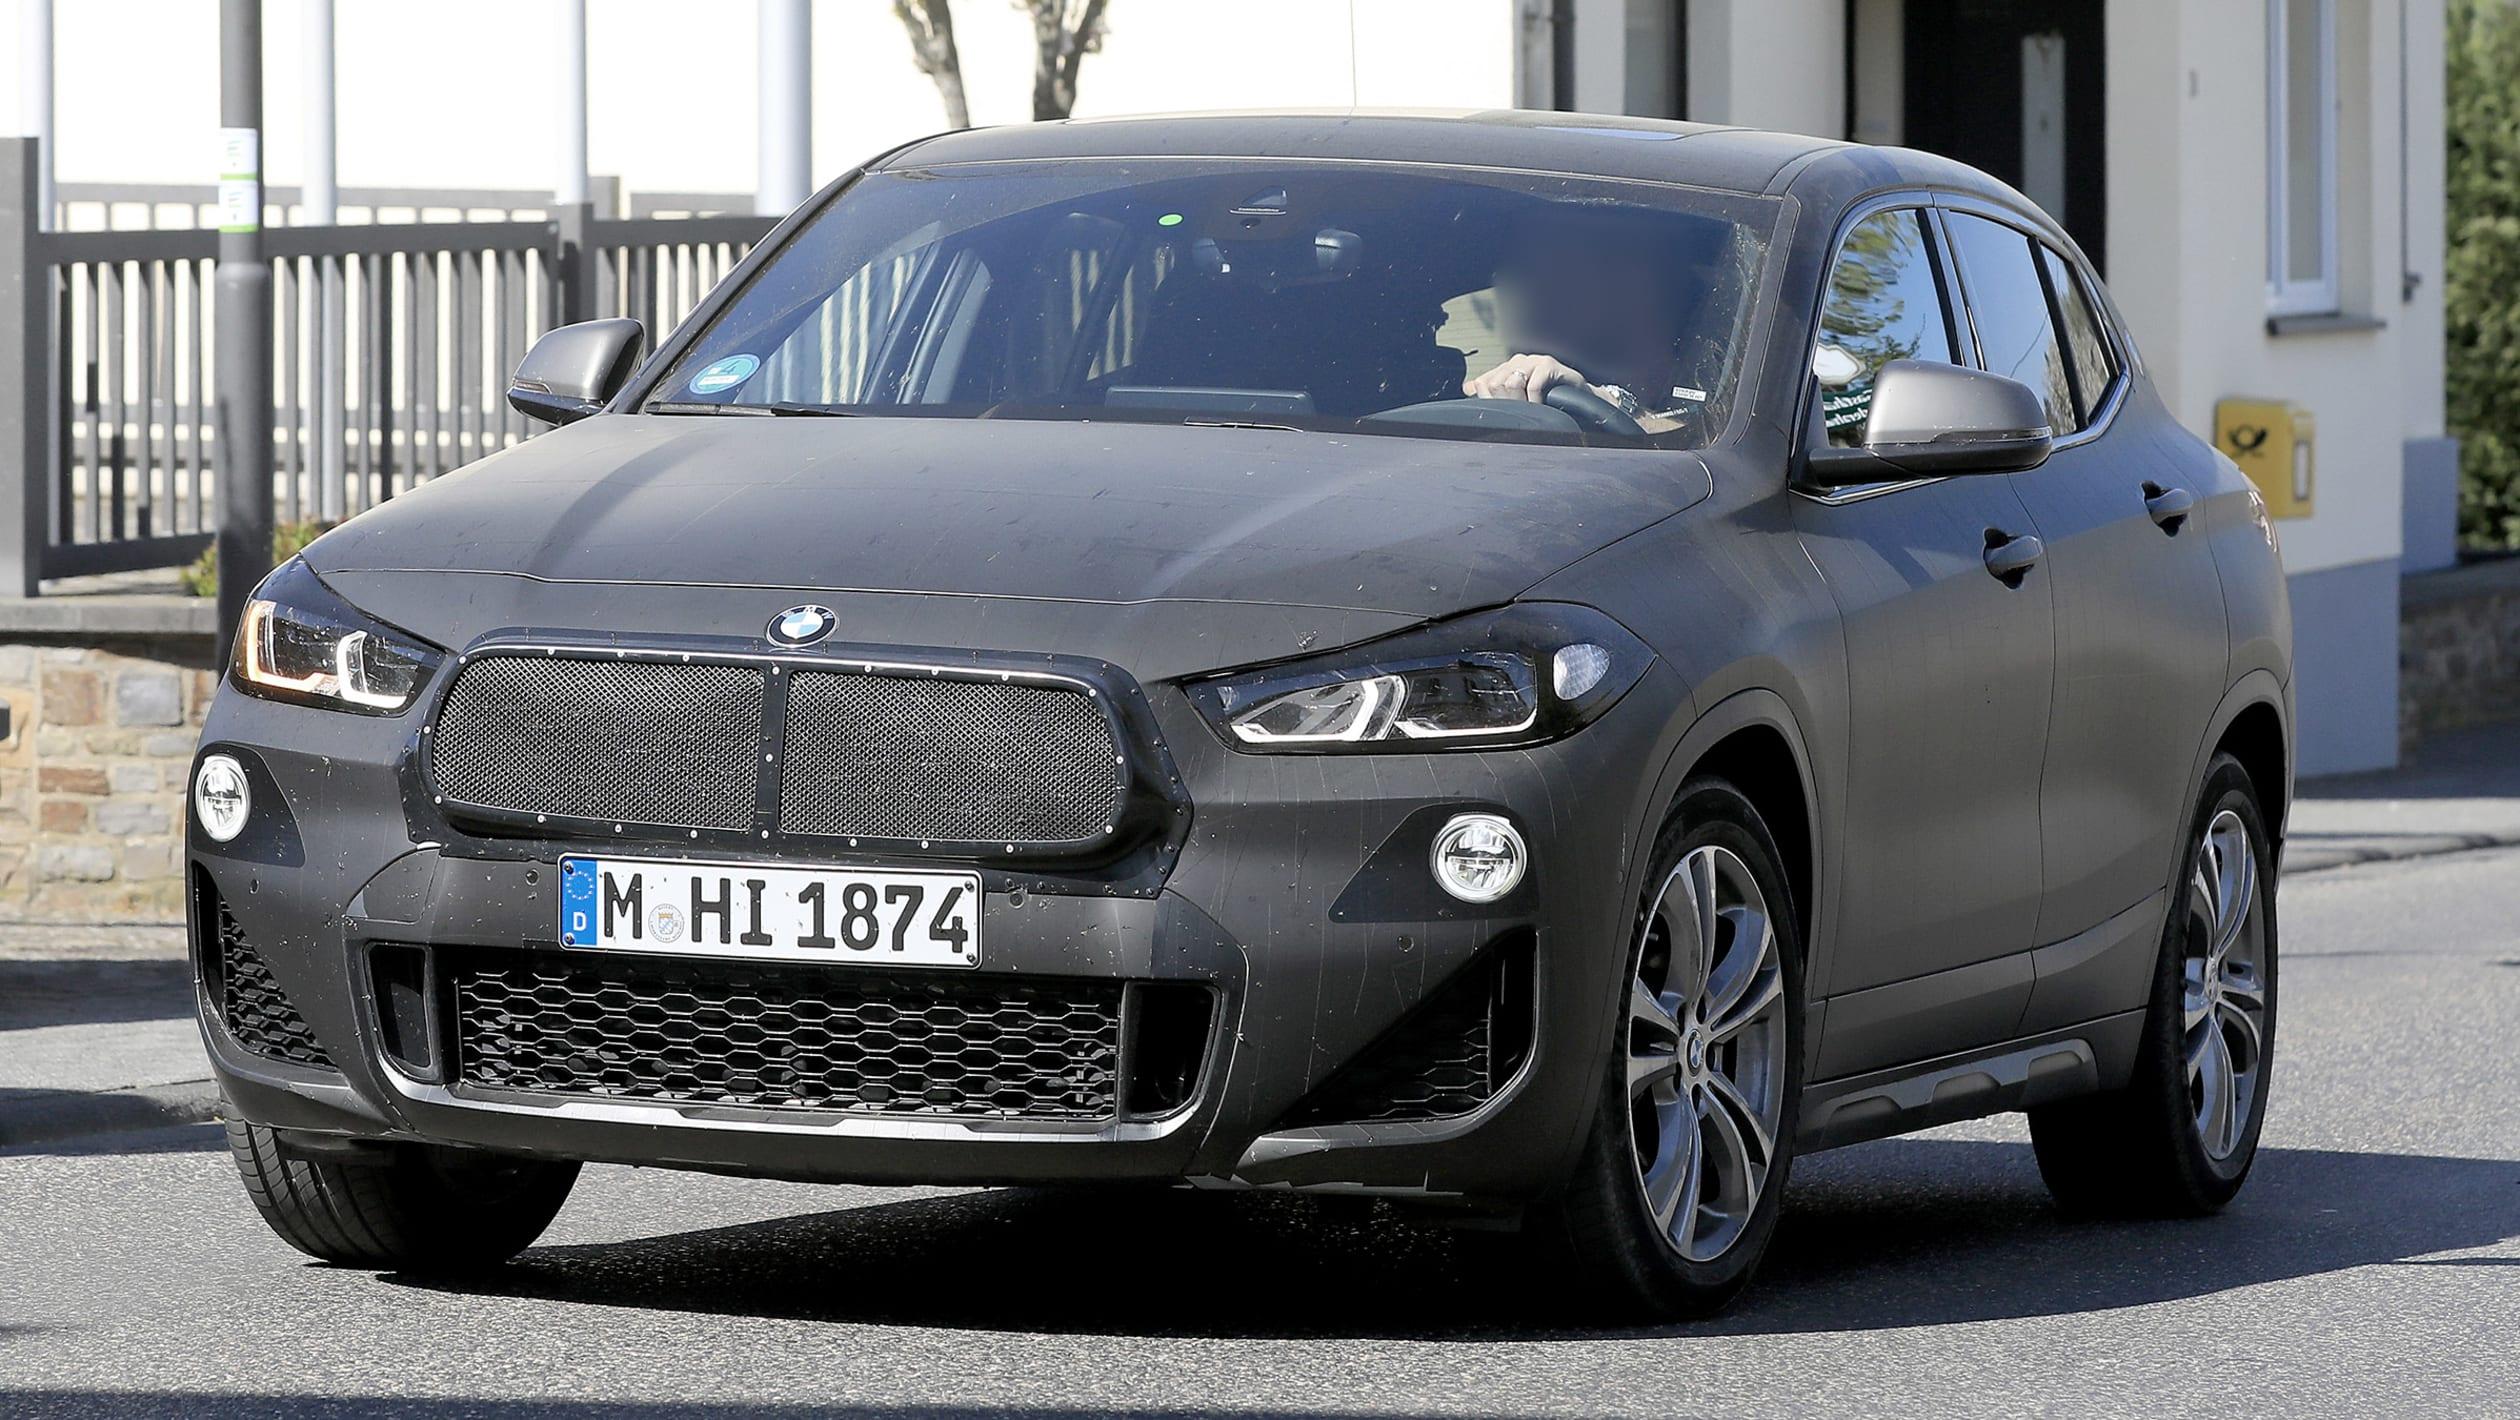 2017 - [BMW] X2 [F39] - Page 16 BMW%20X2%20spy%20shots-3